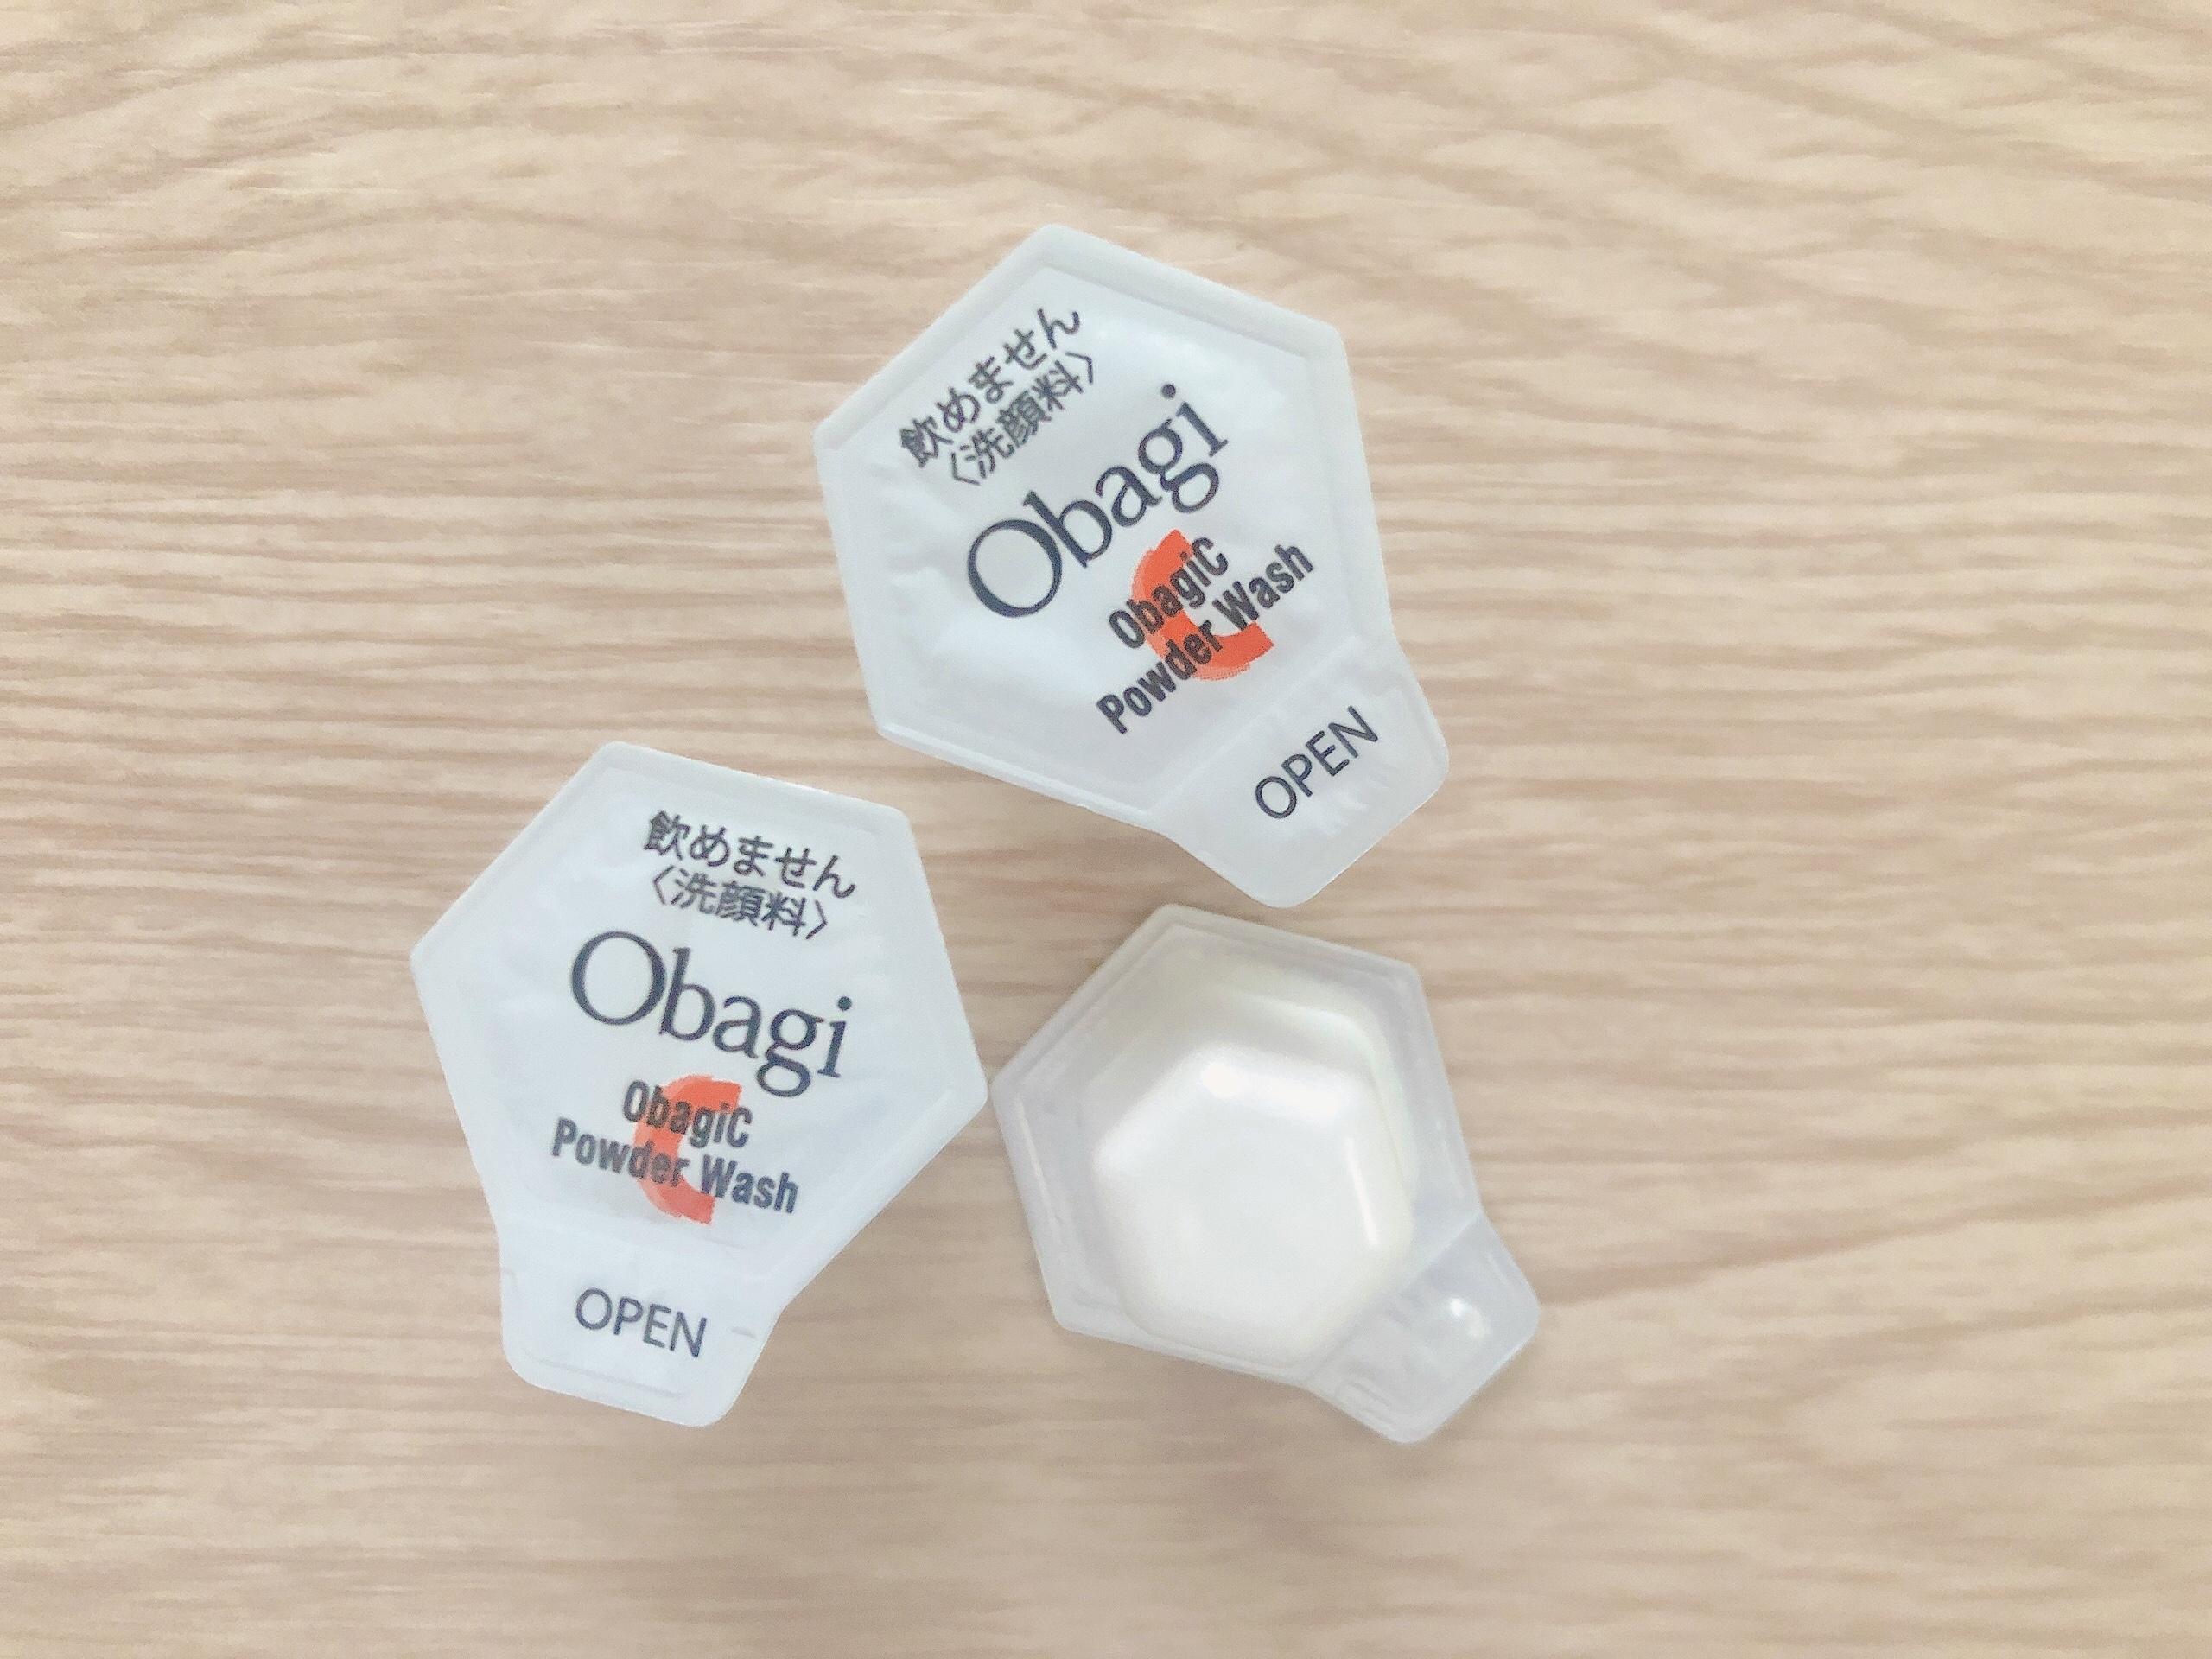 【オバジ】酵素洗顔で夏の毛穴対策!_3